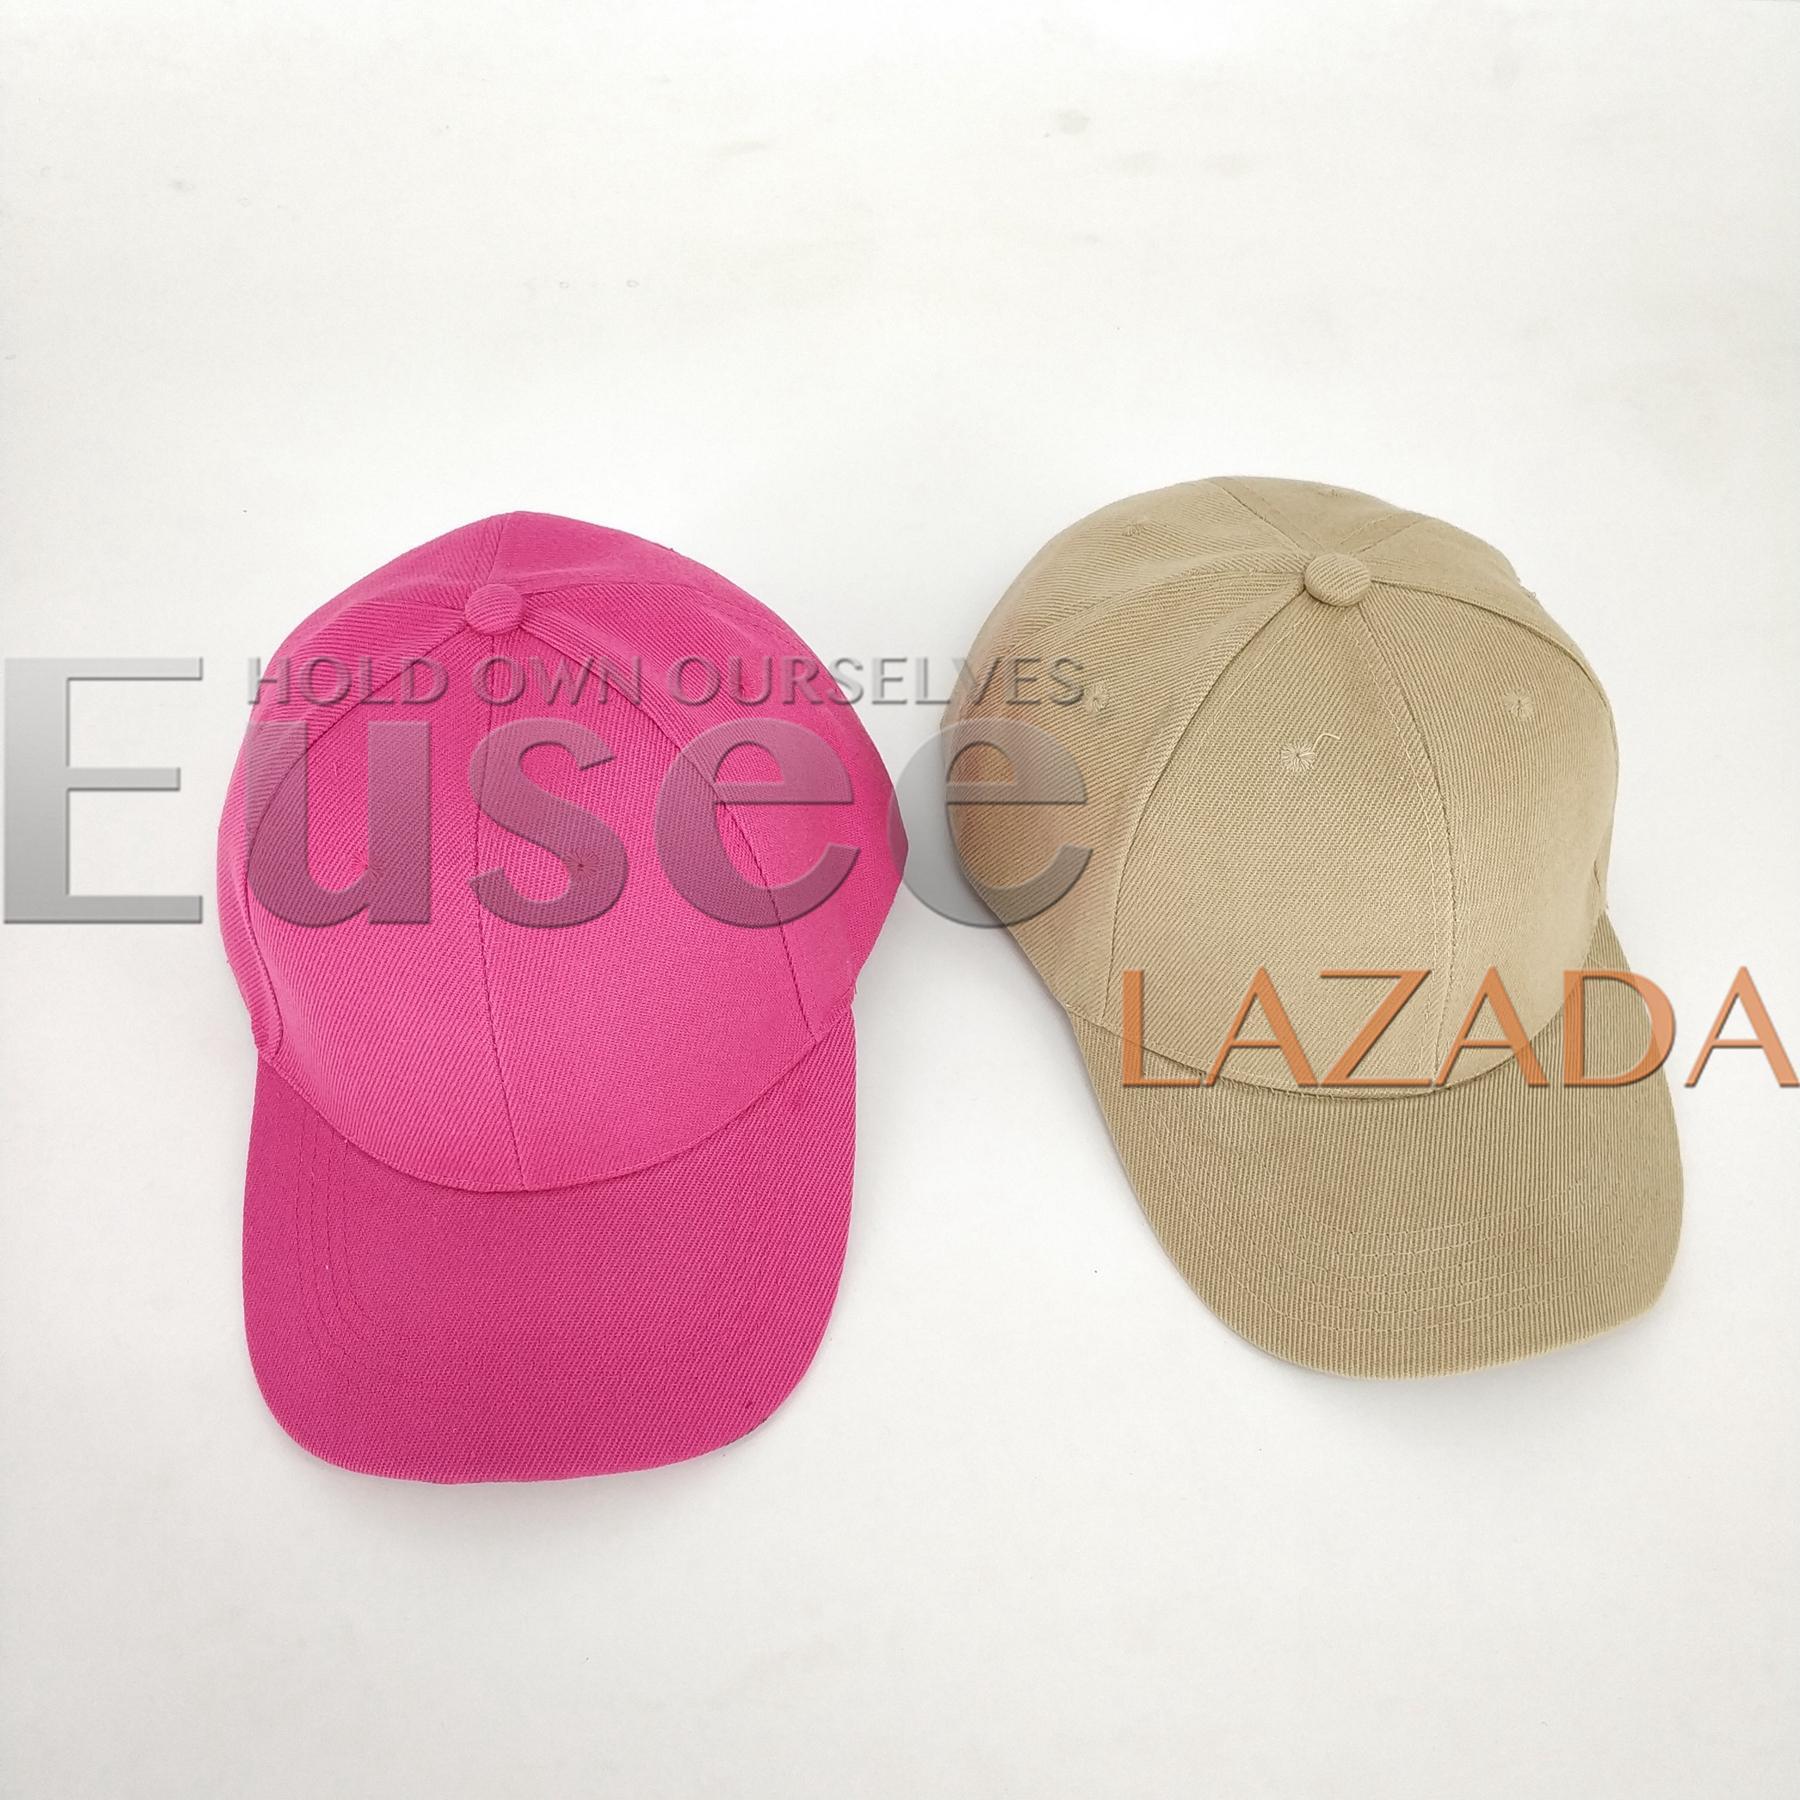 Hats for Men for sale - Mens Hats online brands 6f57255d82